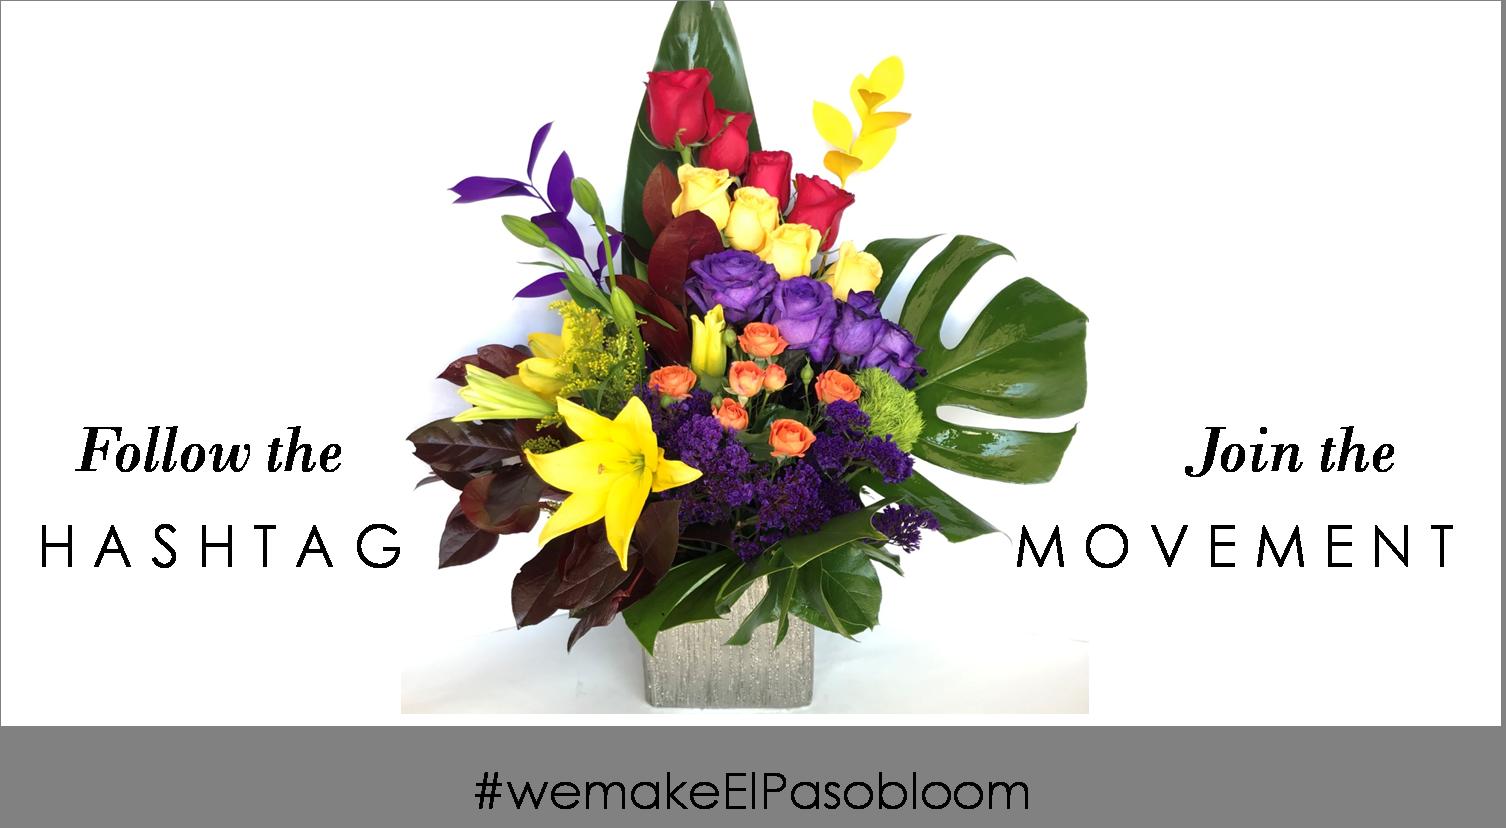 0-contact-angies-floral-designs-el-paso-texas-79912-el-paso-flowershop-angies-floral-designs-flower-lover-we-make-el-paso-bloom.png